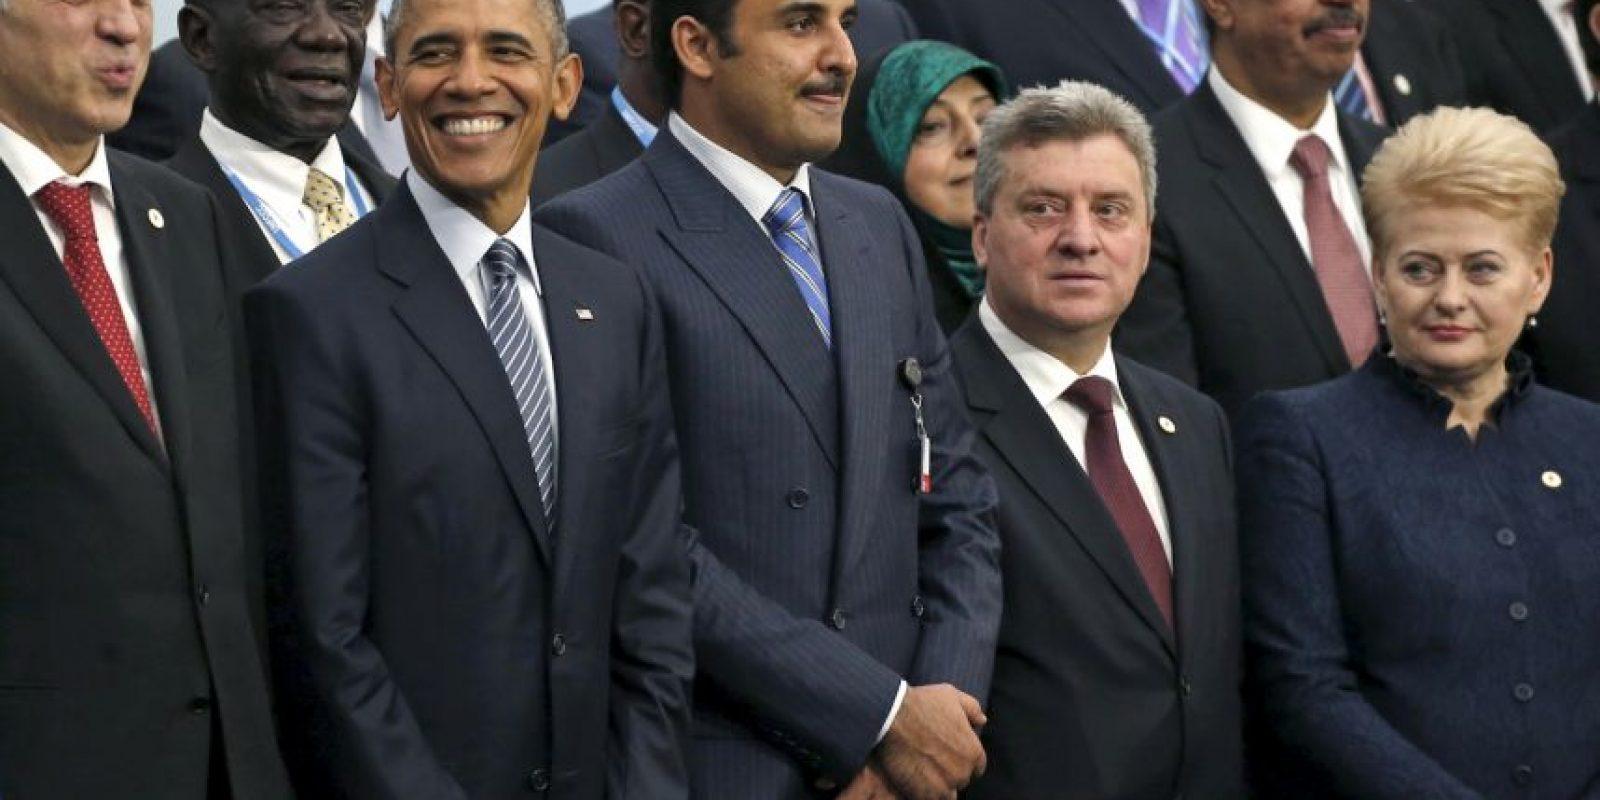 Más de 150 líderes mundiales están reunidos en París para luchar contra el Cambio Climático Foto:AP